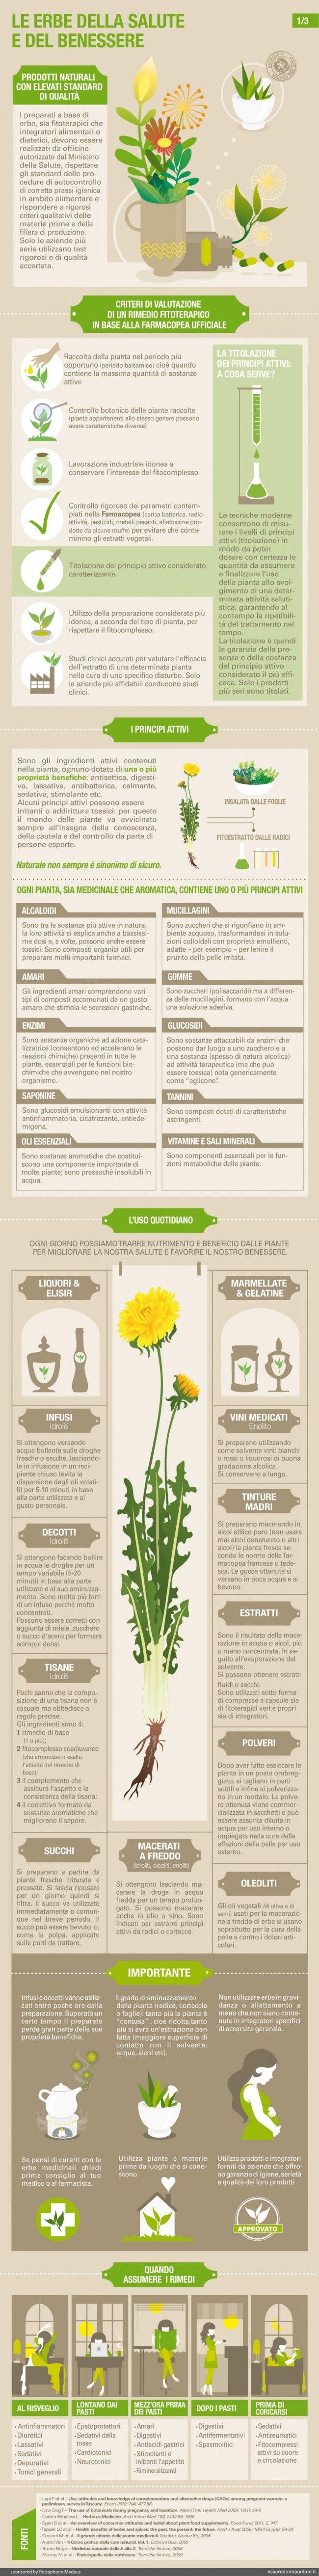 Le erbe della salute e del benessere / 1 - Esseredonnaonline